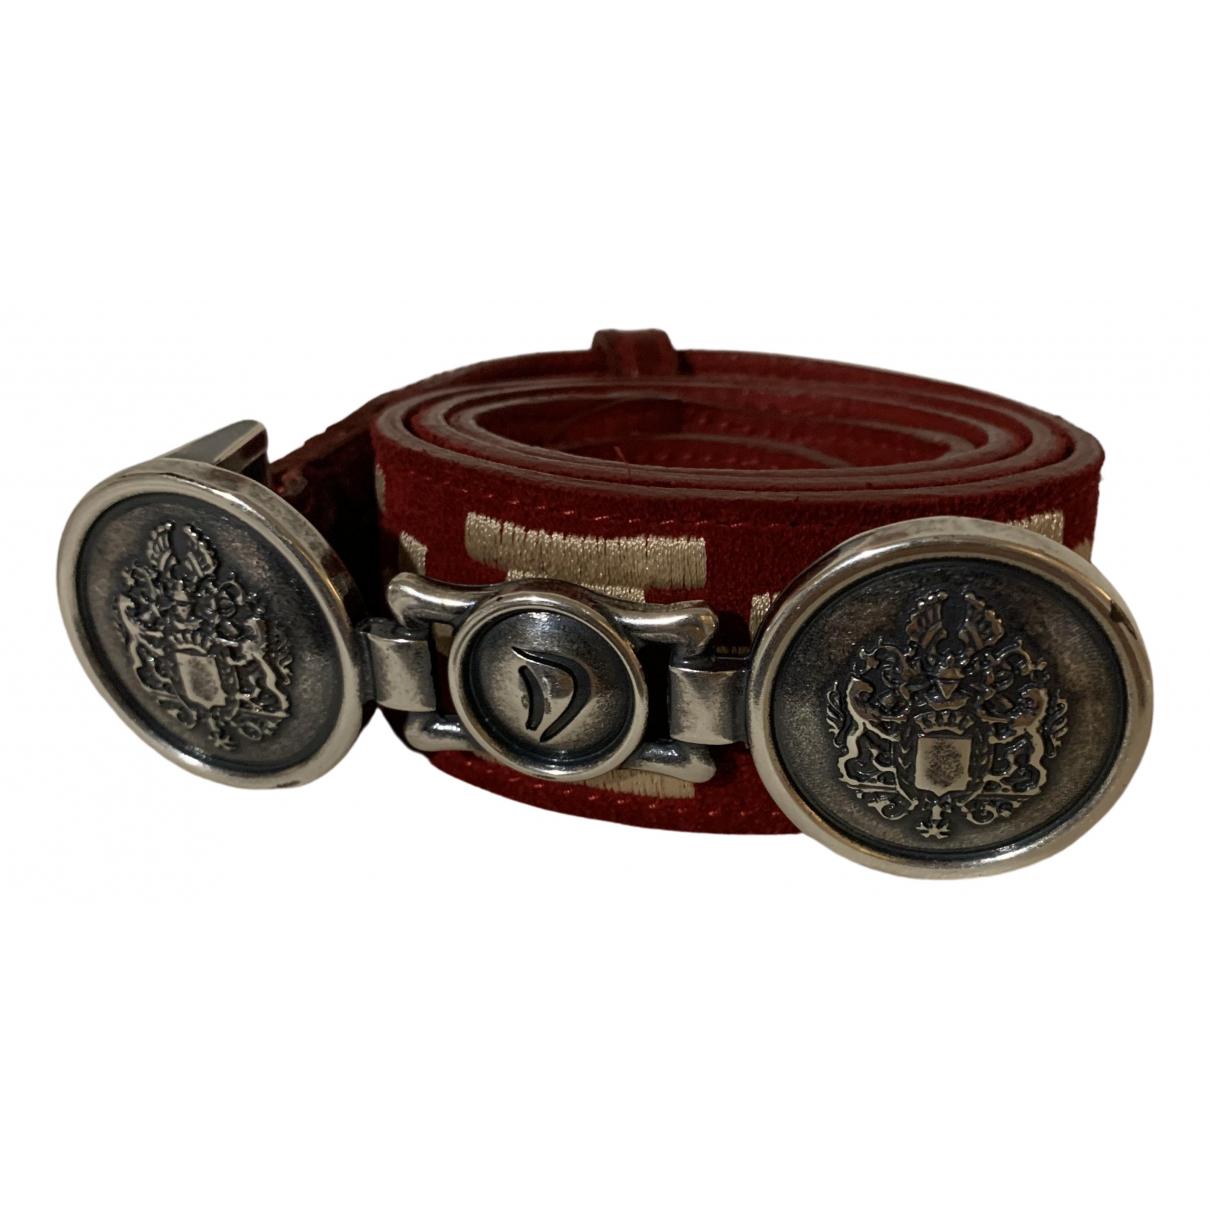 Cinturon de Cocodrilo Dondup